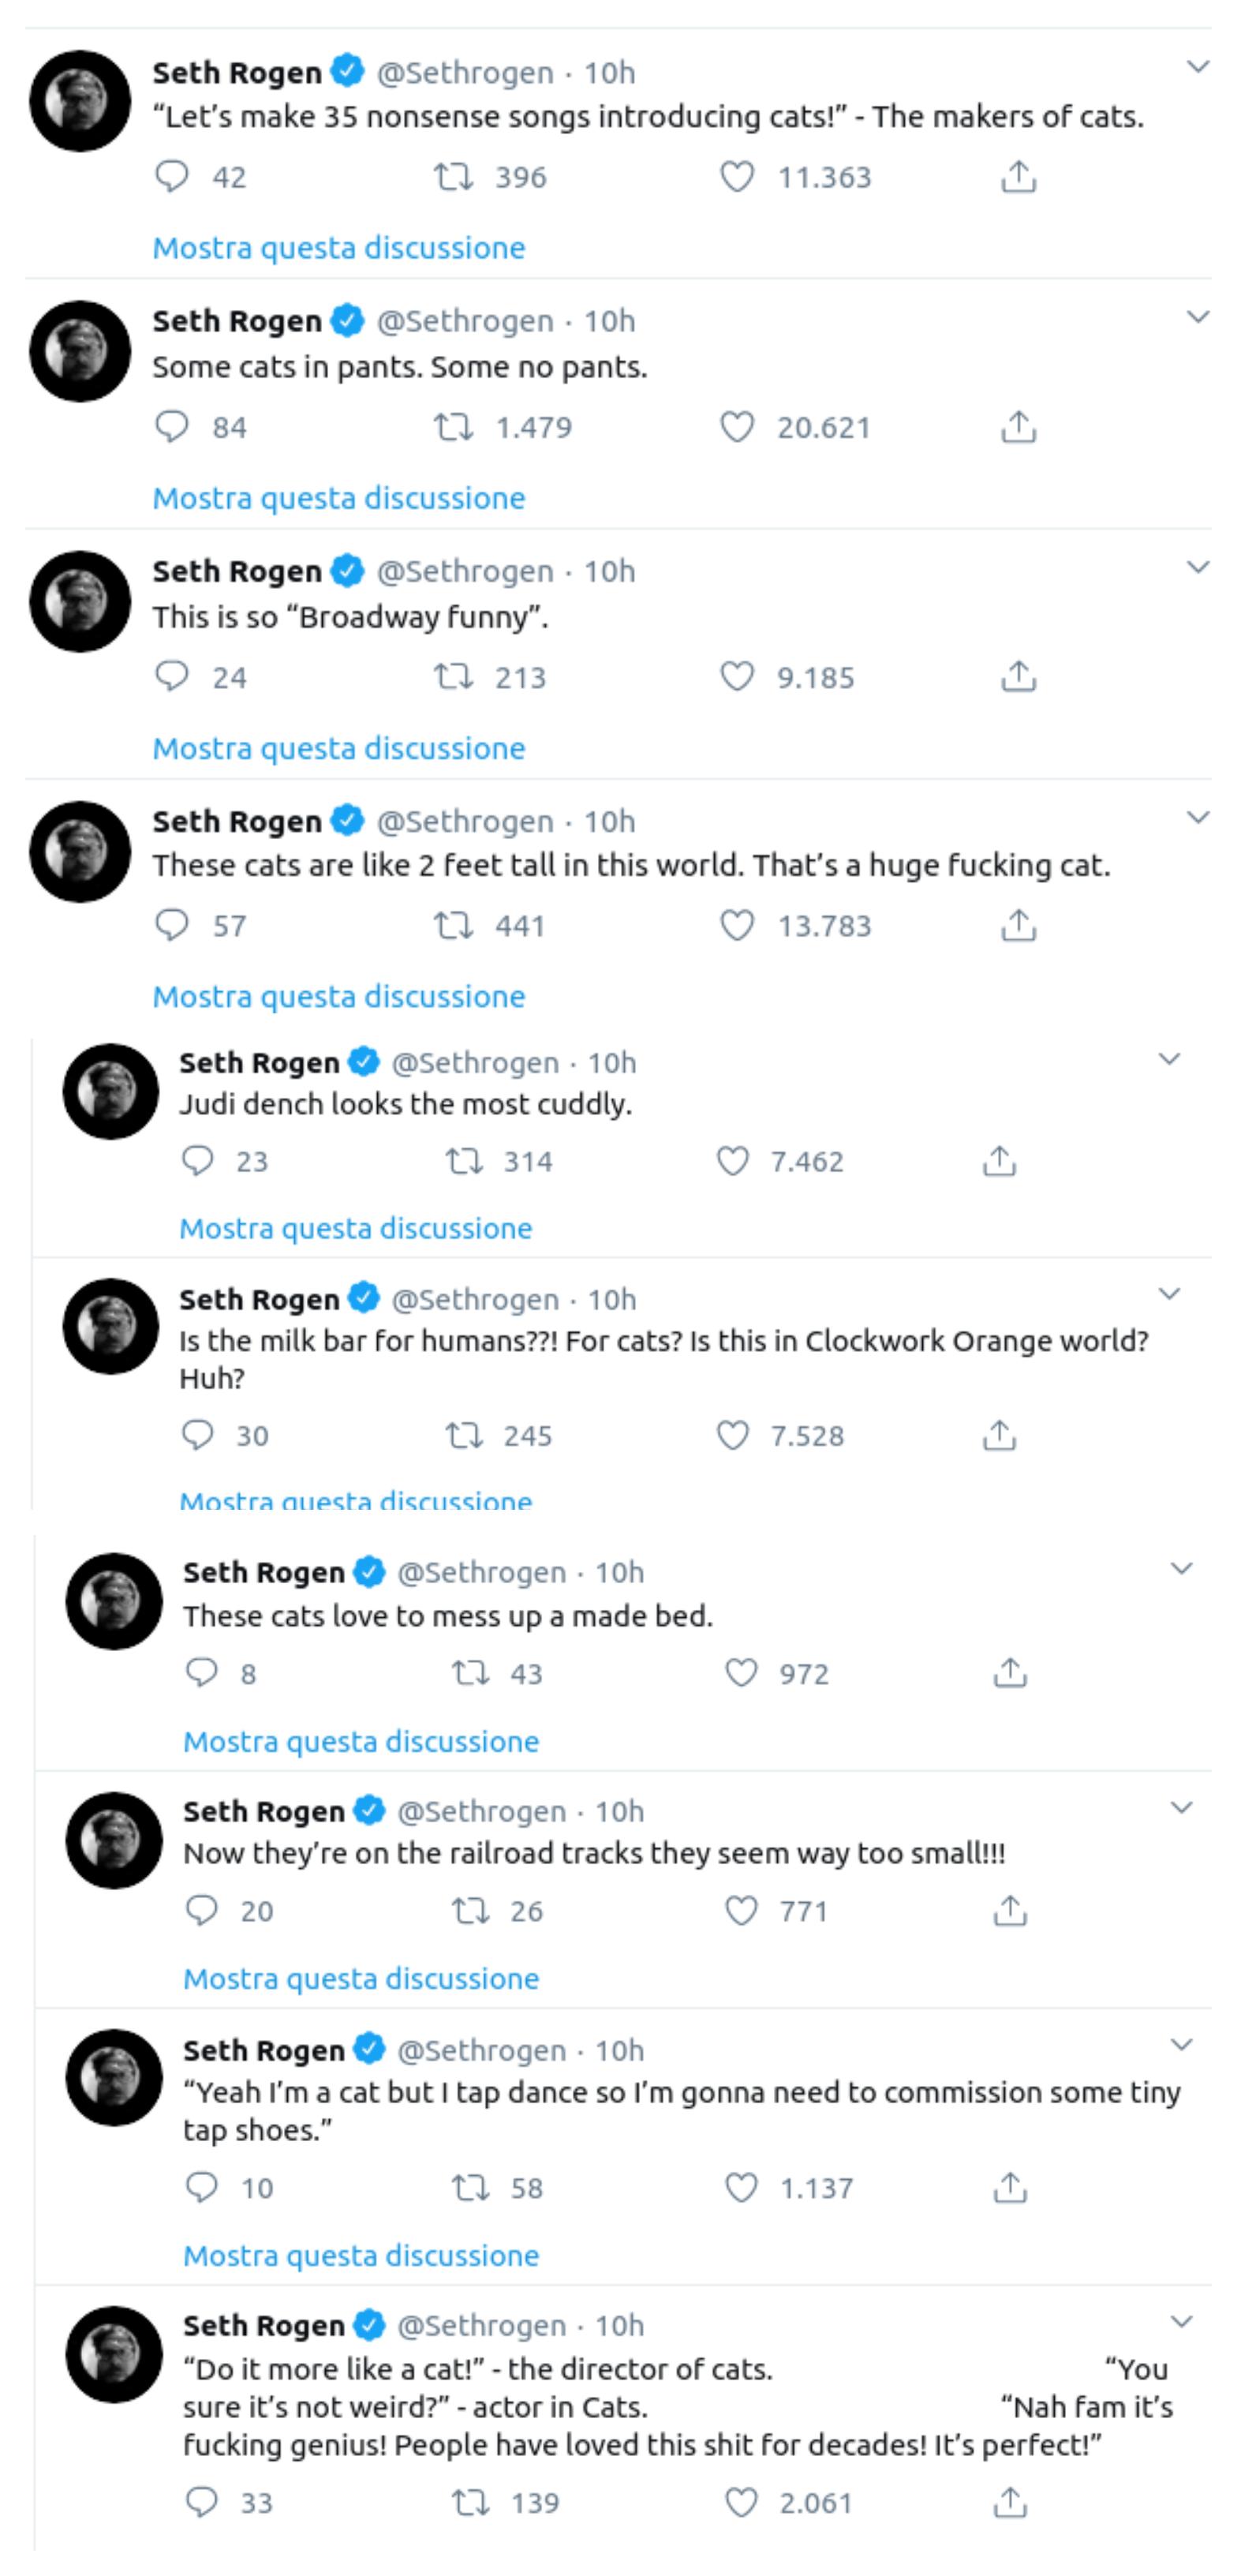 Seth Rogen, Twitter, cinematown.it